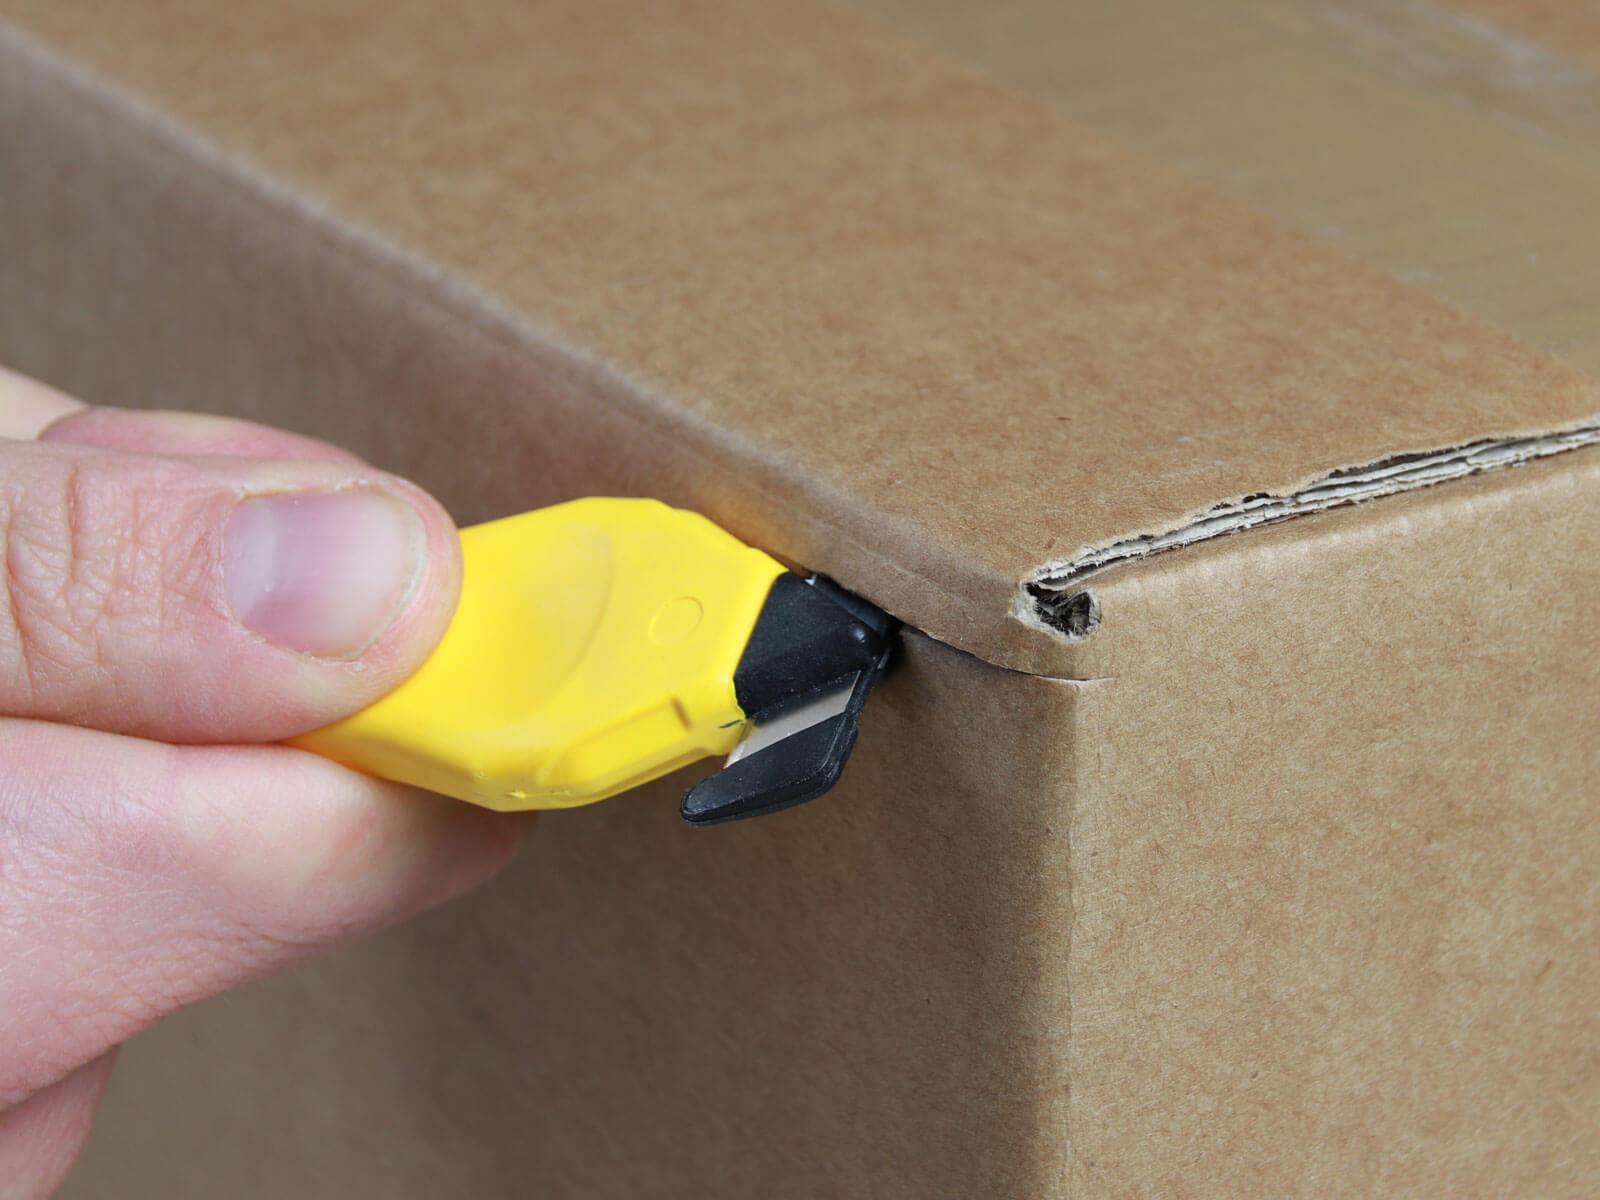 H033G Sicherheitsmesser Schutzhaken Karton schneiden abdeckeln CURT-tools